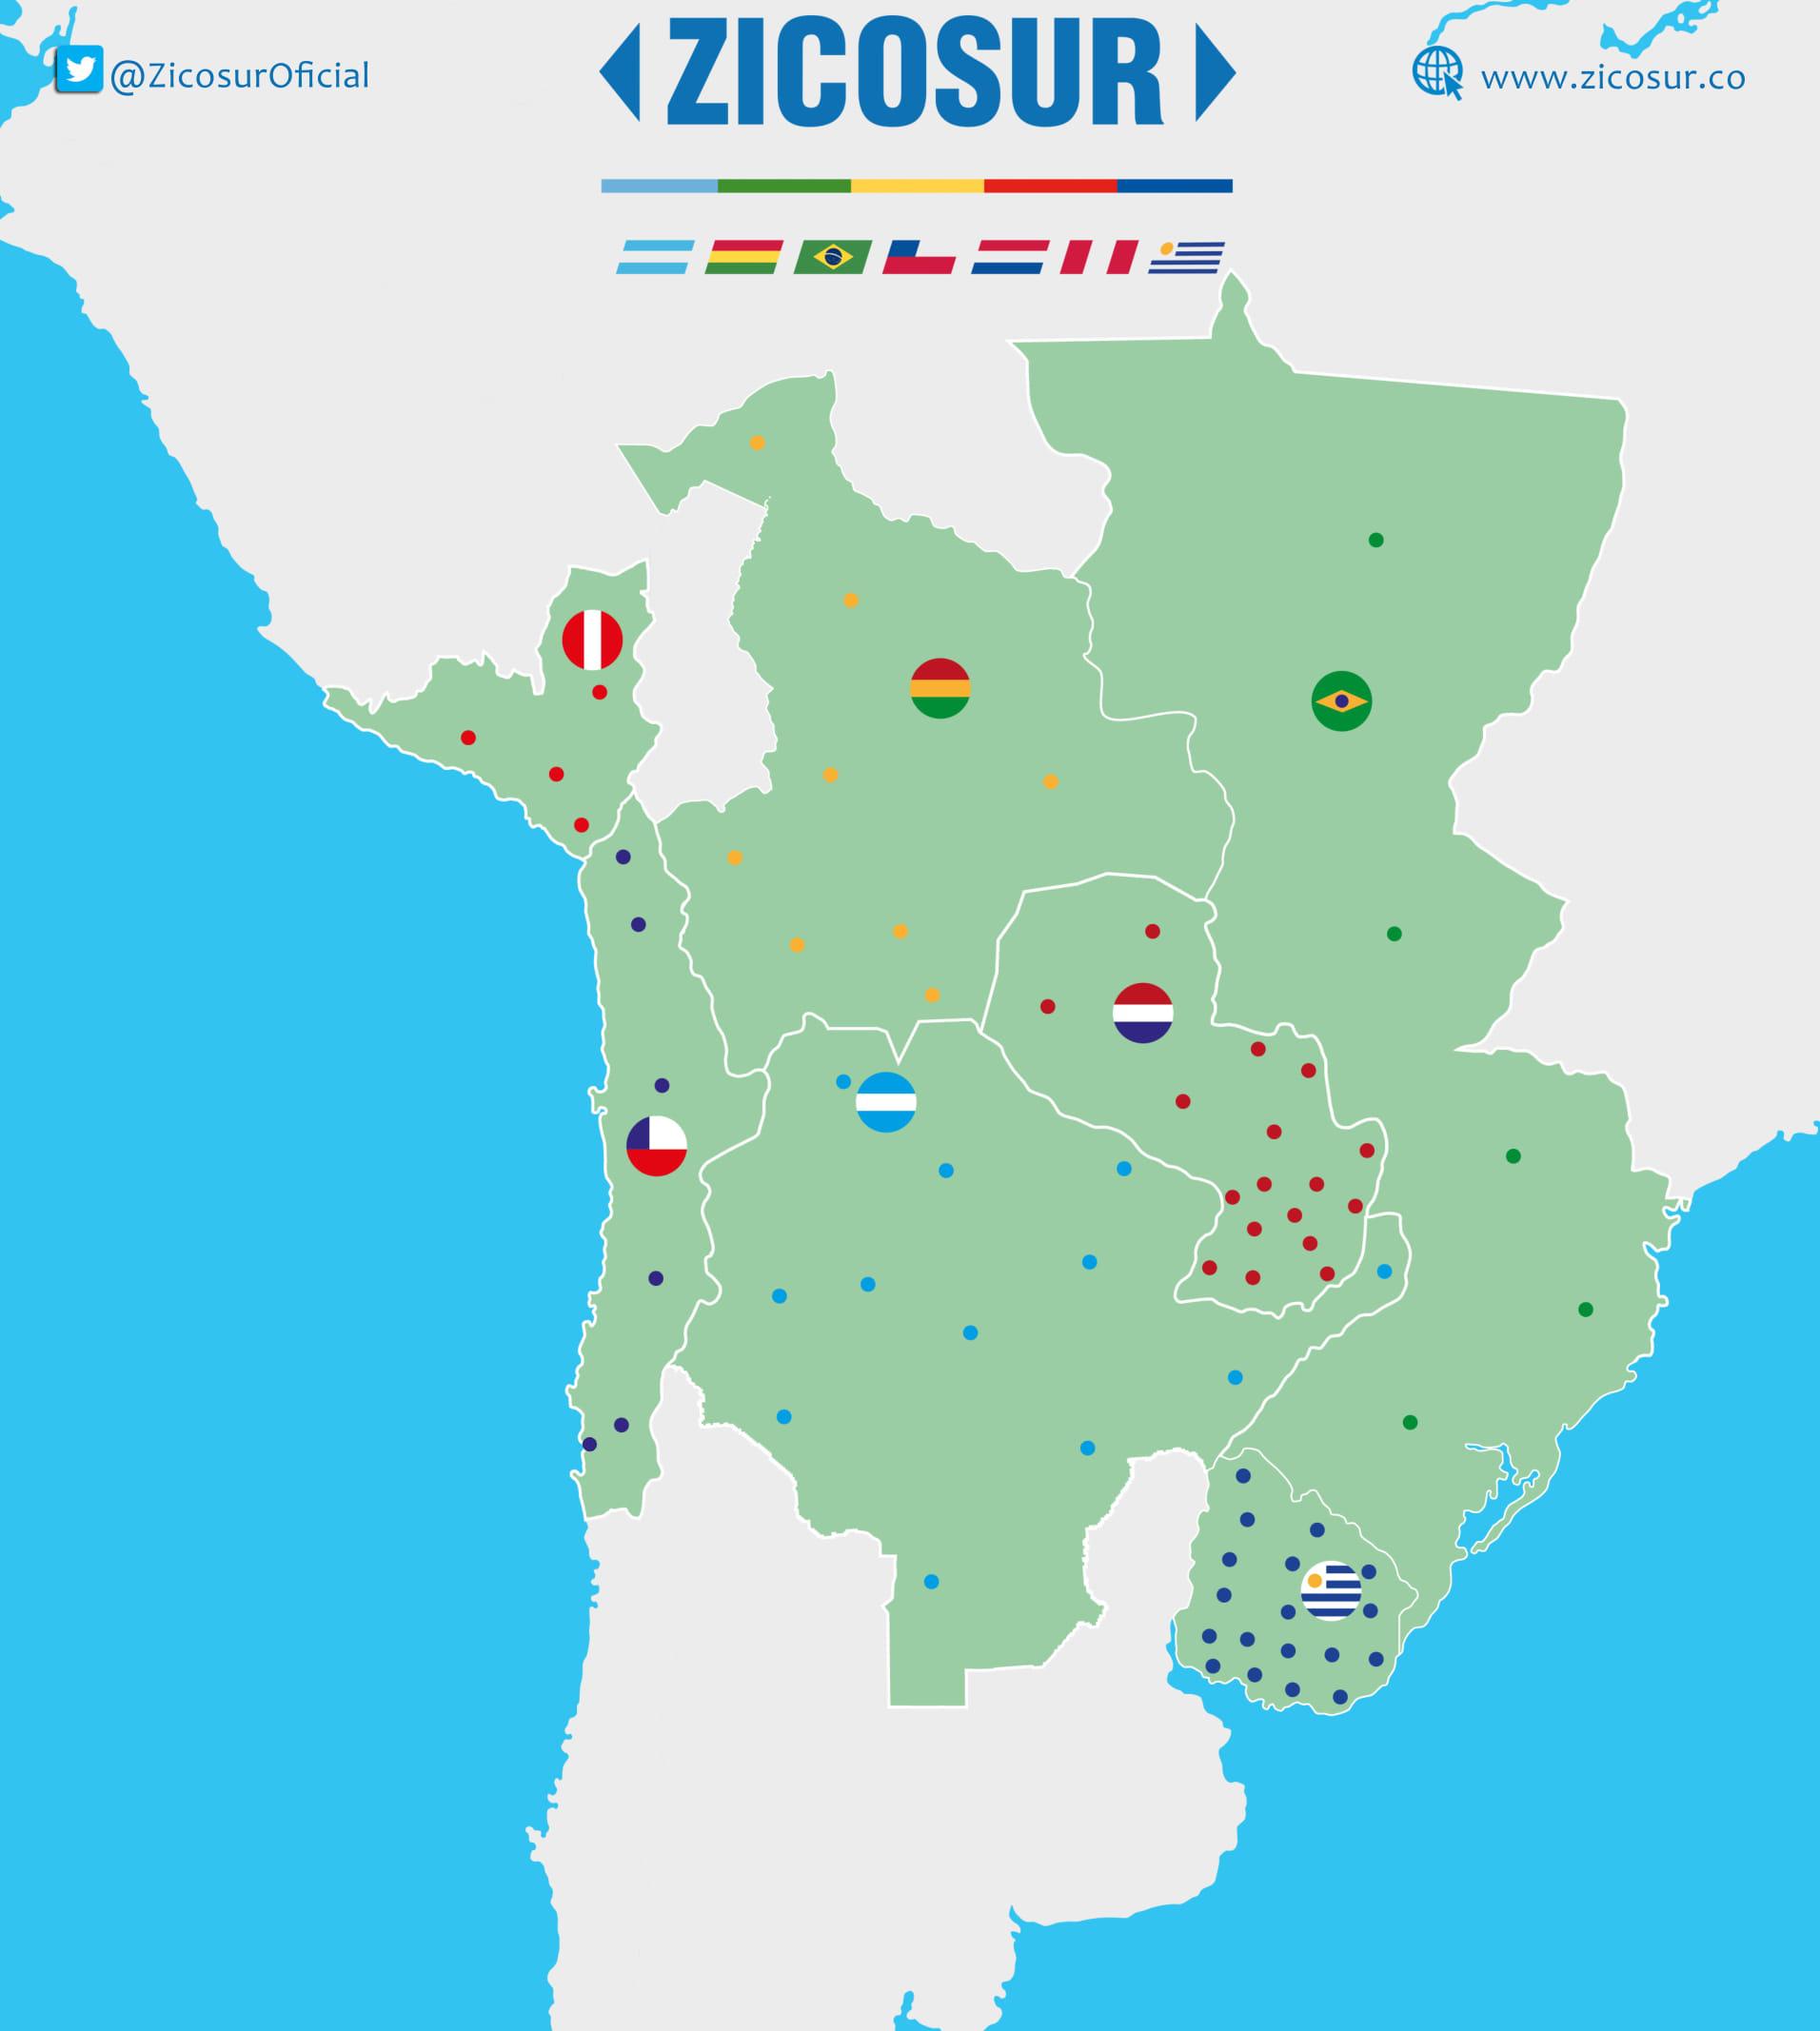 mapa-zicosur-01-1-2